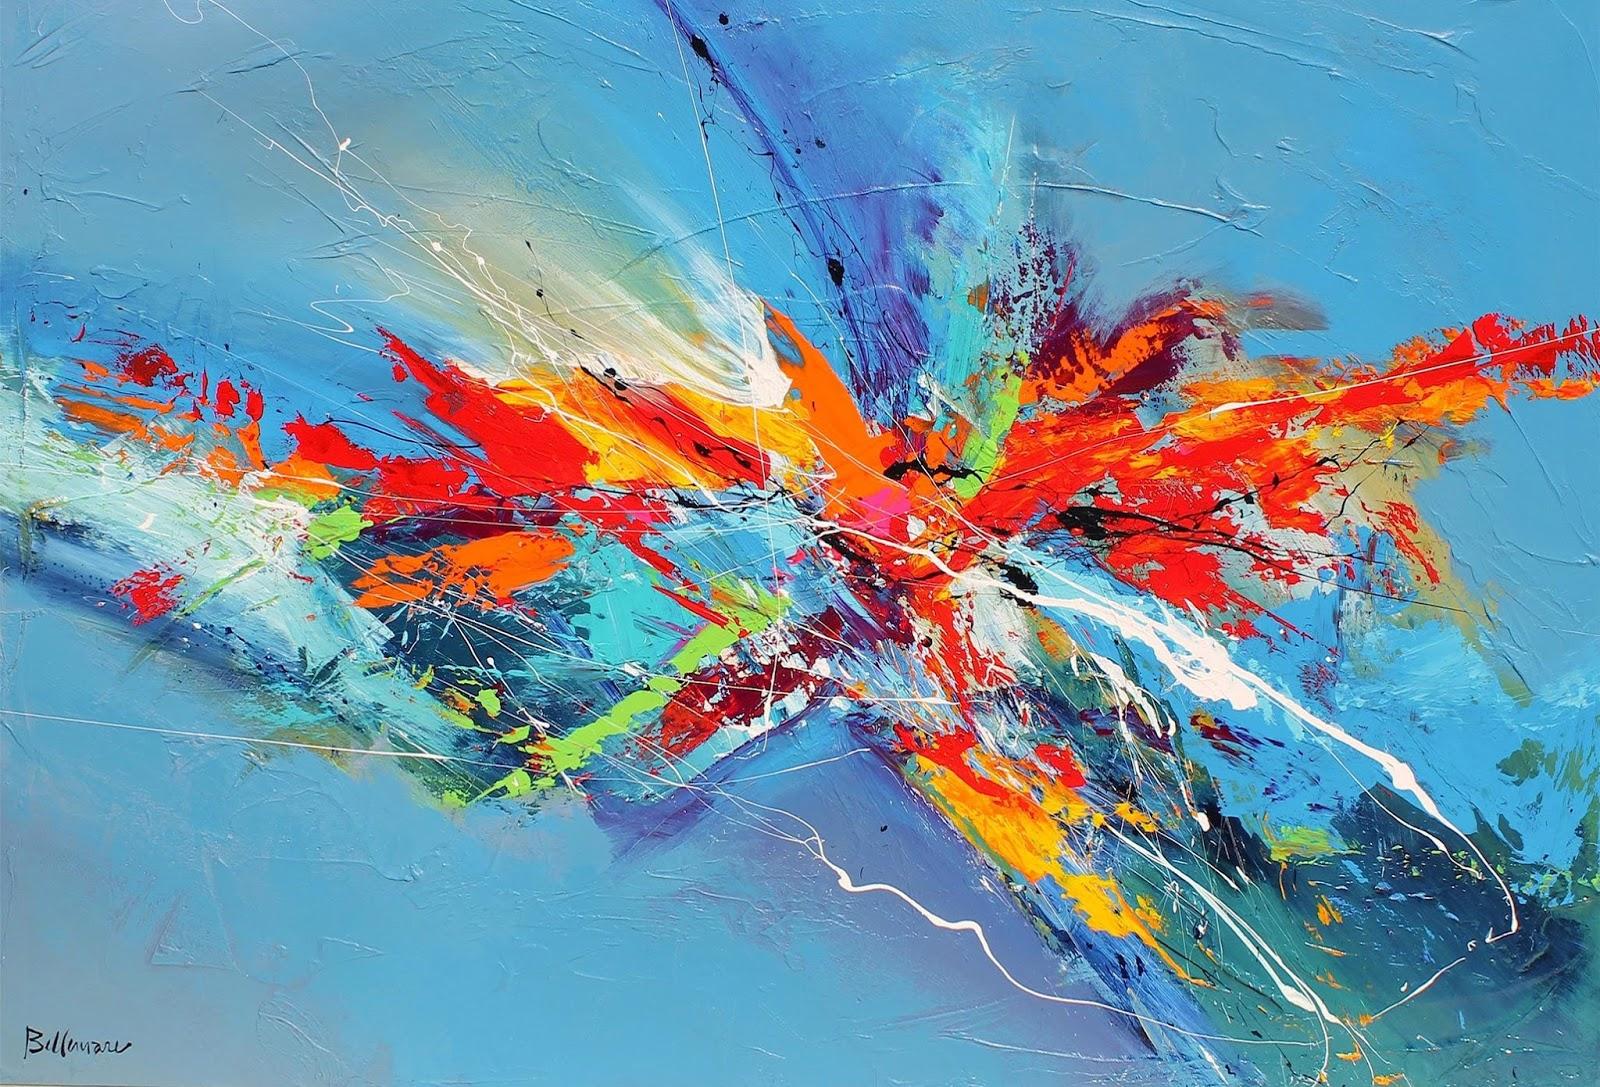 Pensarte la calidad de la pintura - Colores en pintura ...